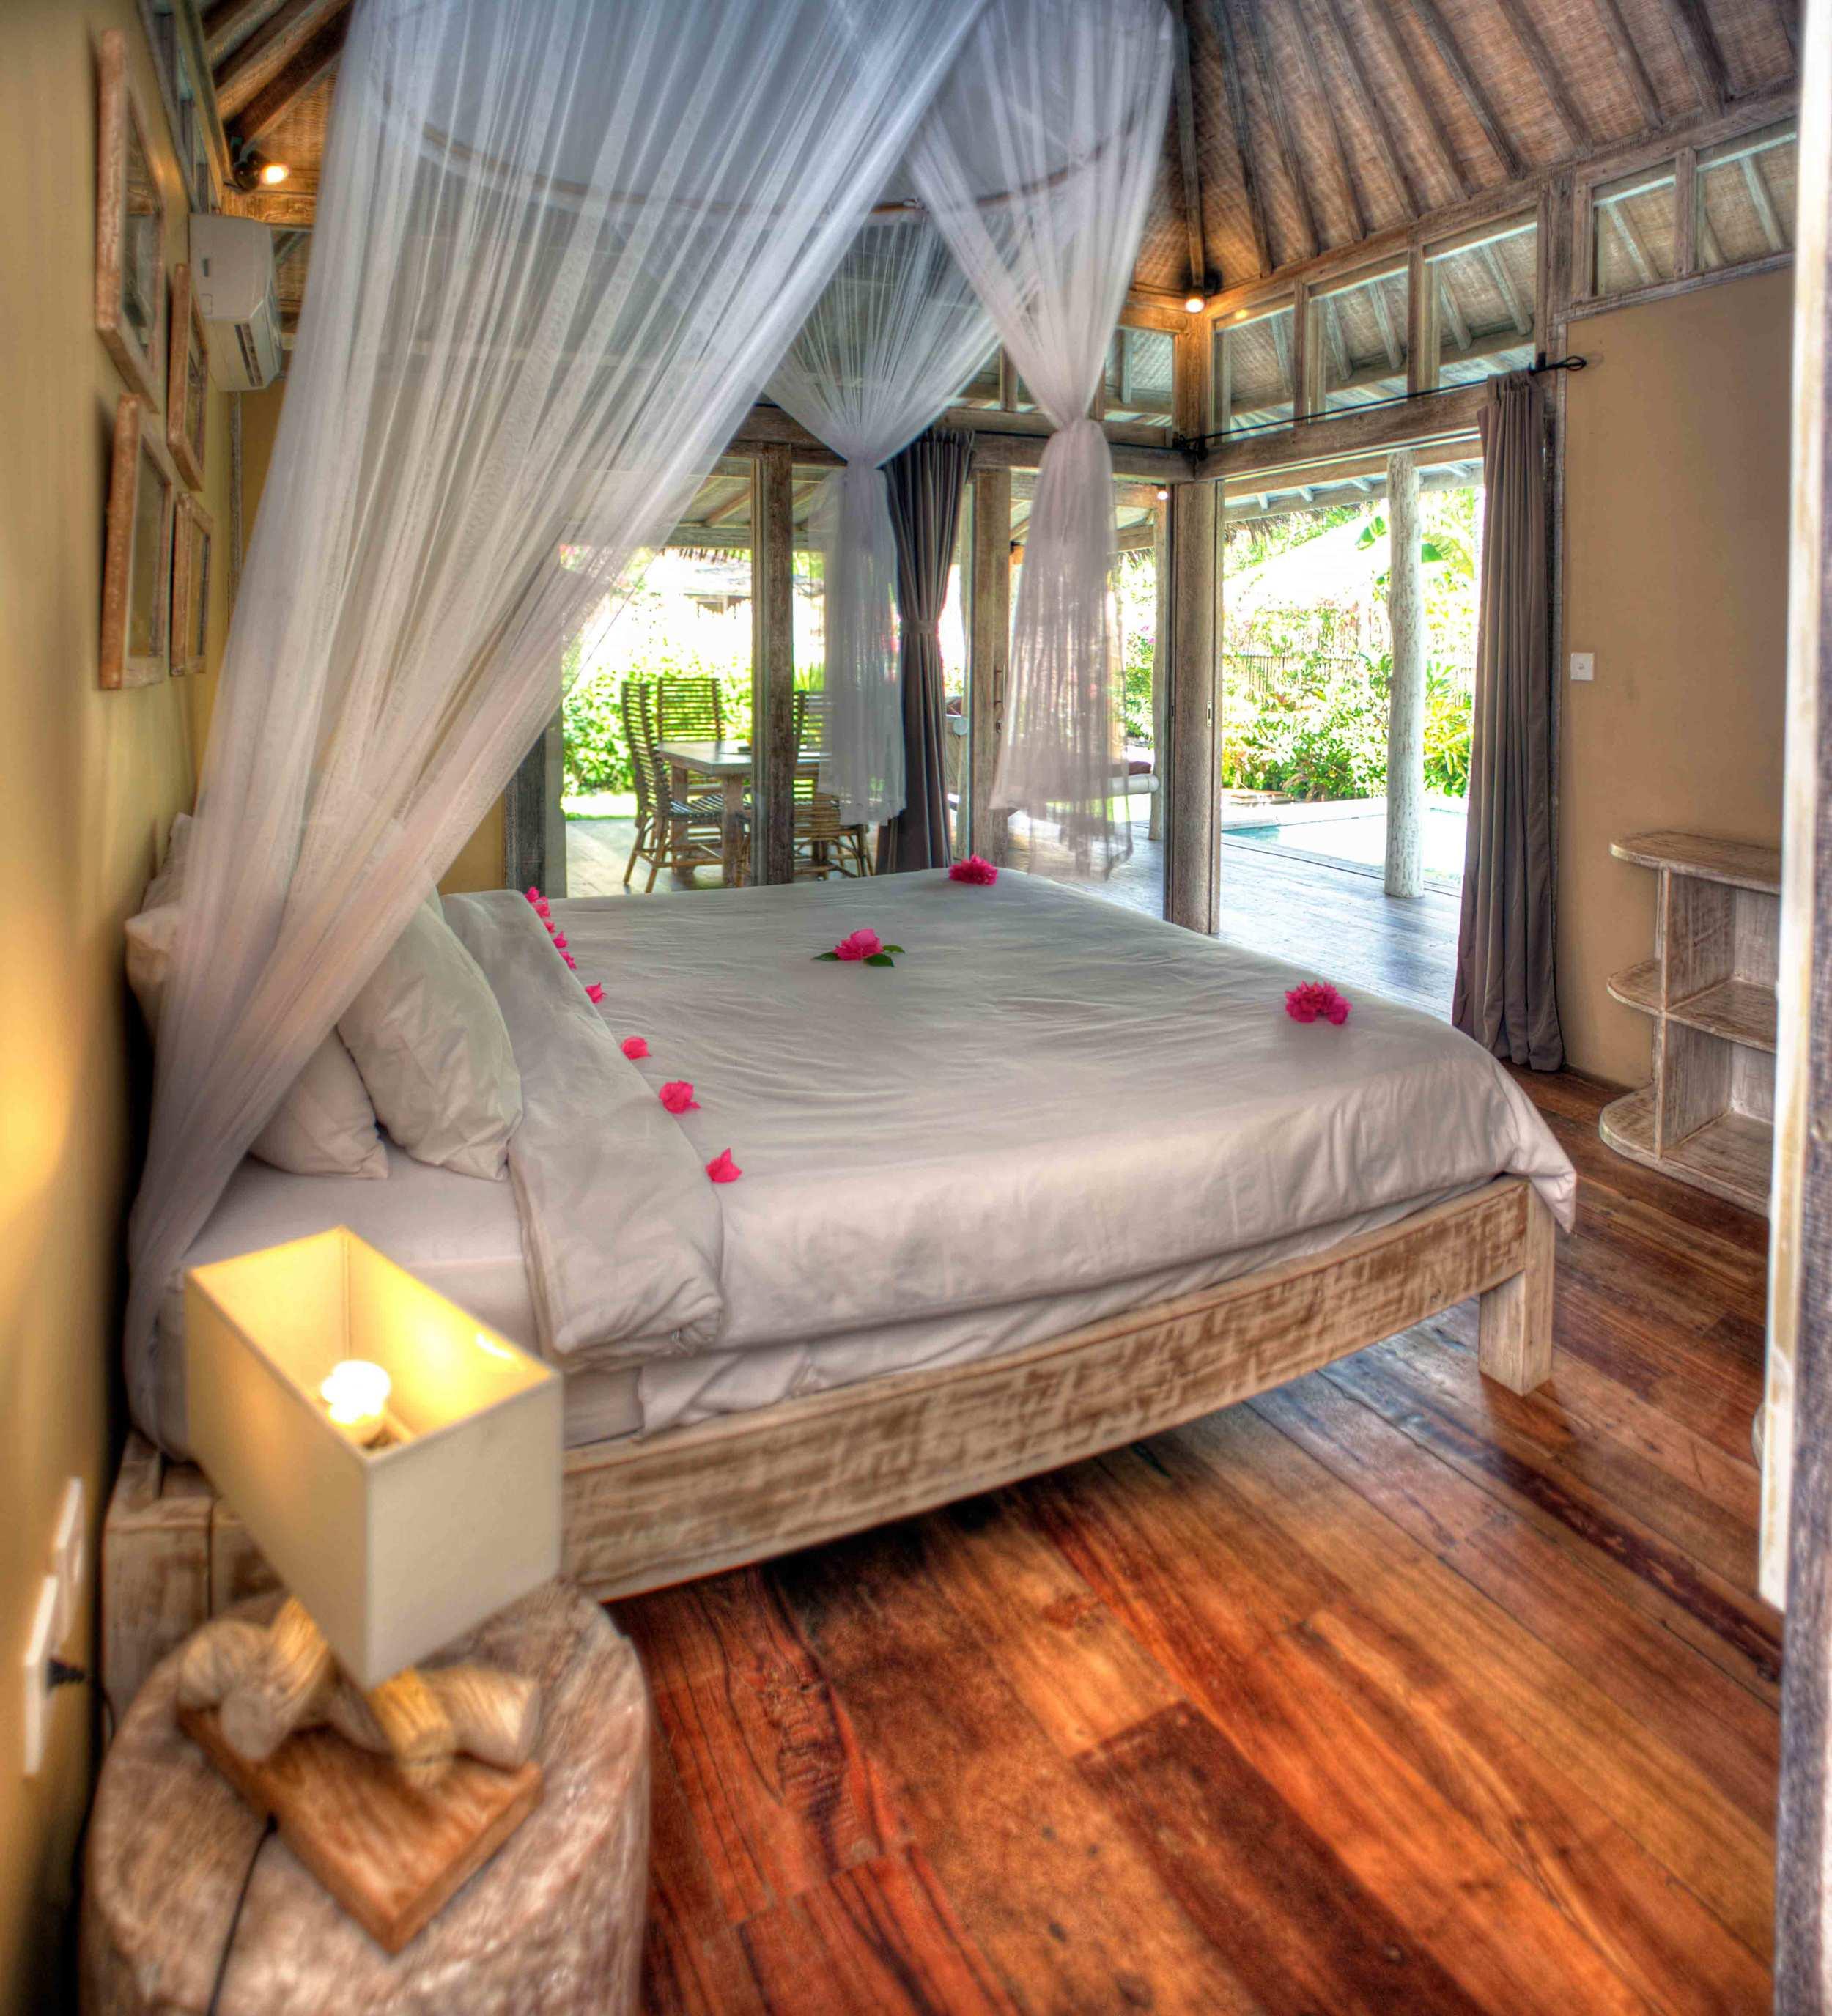 Villa 2 bedrooms Gili Trawangan interior